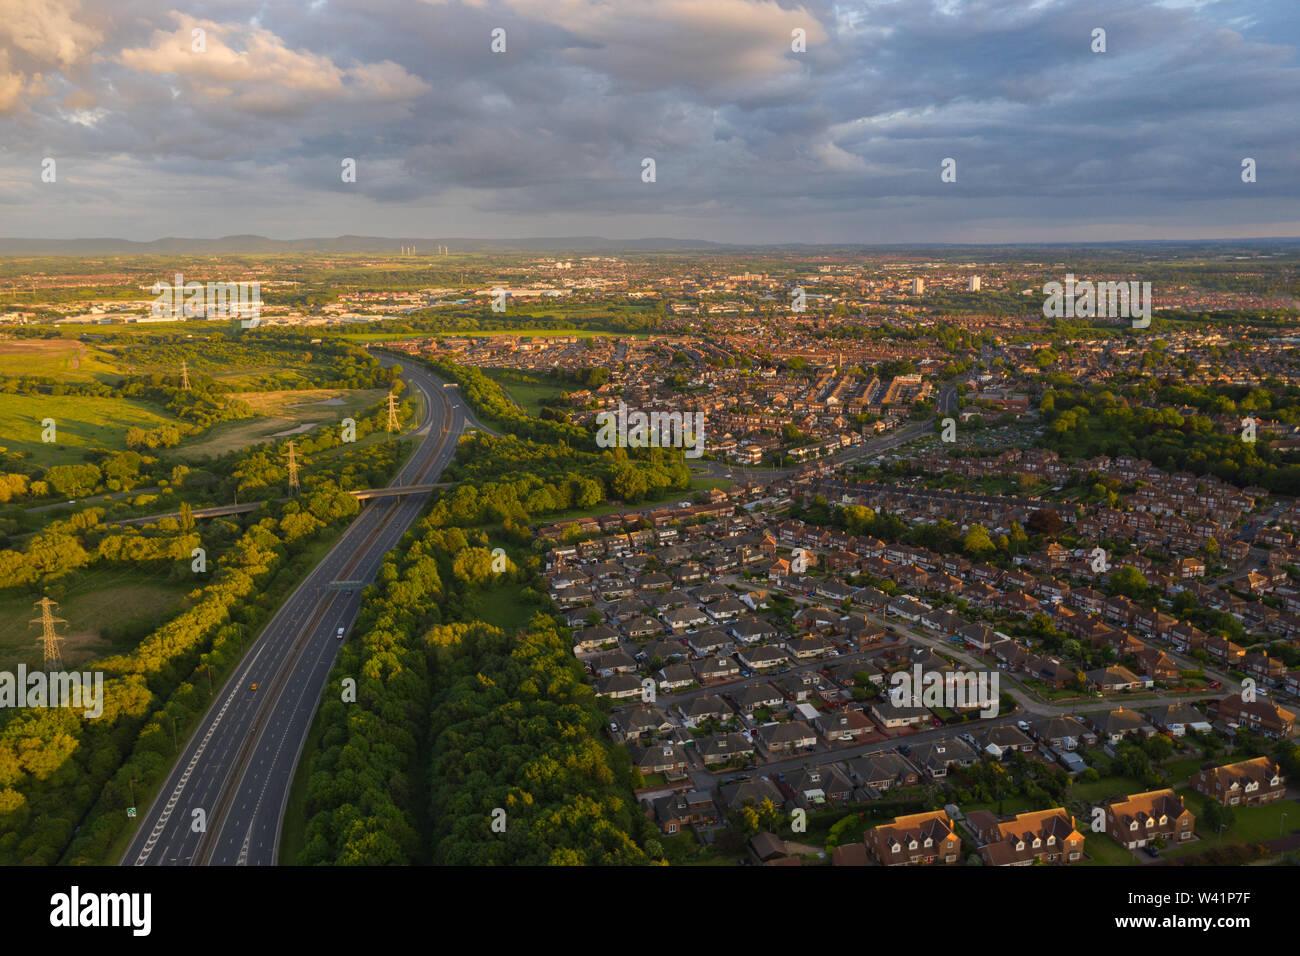 Luftaufnahme über der Autobahn A19 mit Blick auf die Wohnsiedlungen und countrysid von Stockton-on-Tees in Teeside bei Sonnenuntergang an einem ruhigen Sommer Tag Stockfoto